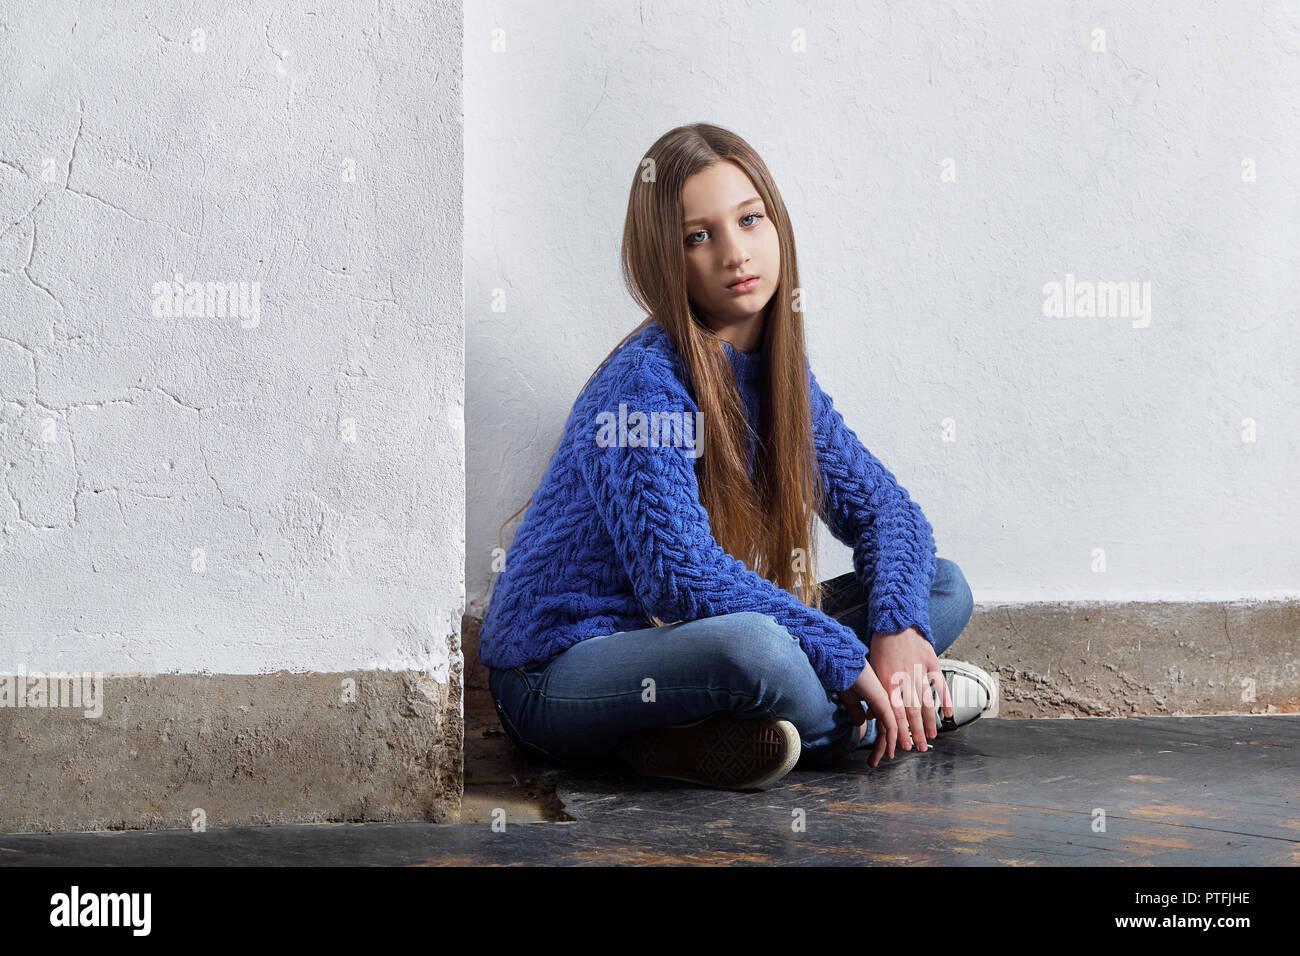 53b2b2958b49 Girl near wall. Stylish girl hipster teen Stock Photo  221620042 - Alamy